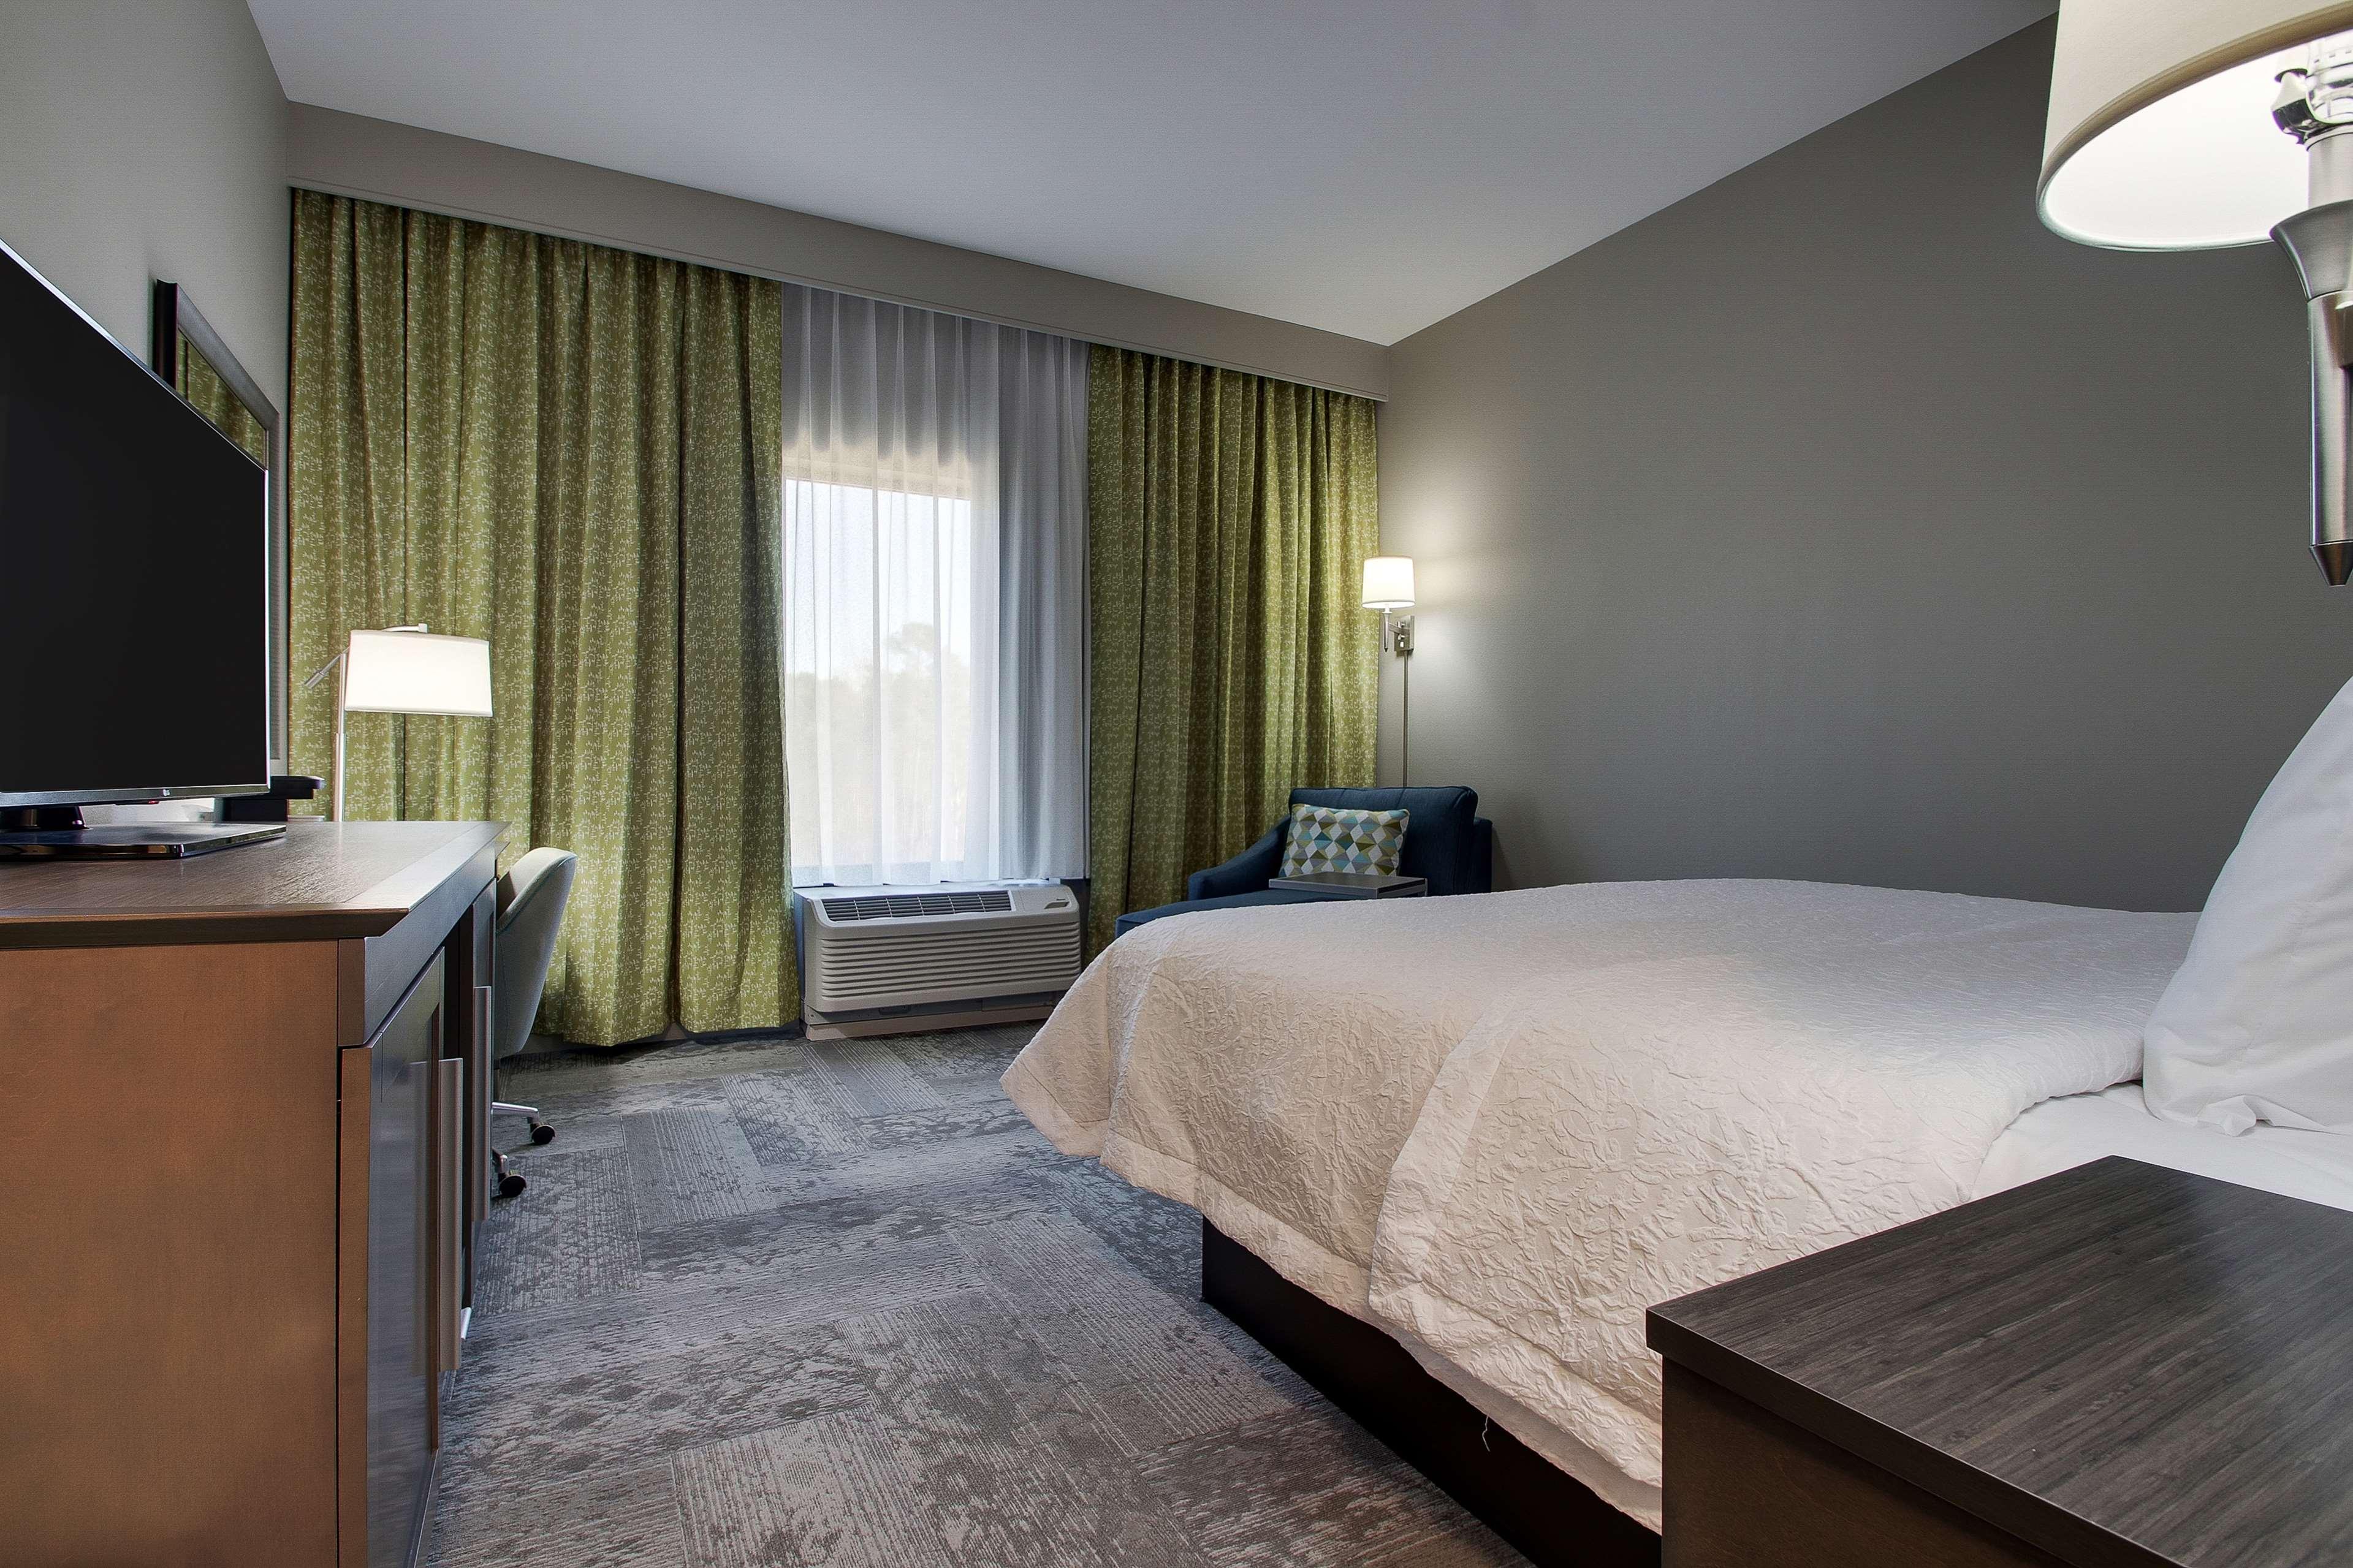 Hampton Inn & Suites Knightdale Raleigh image 18